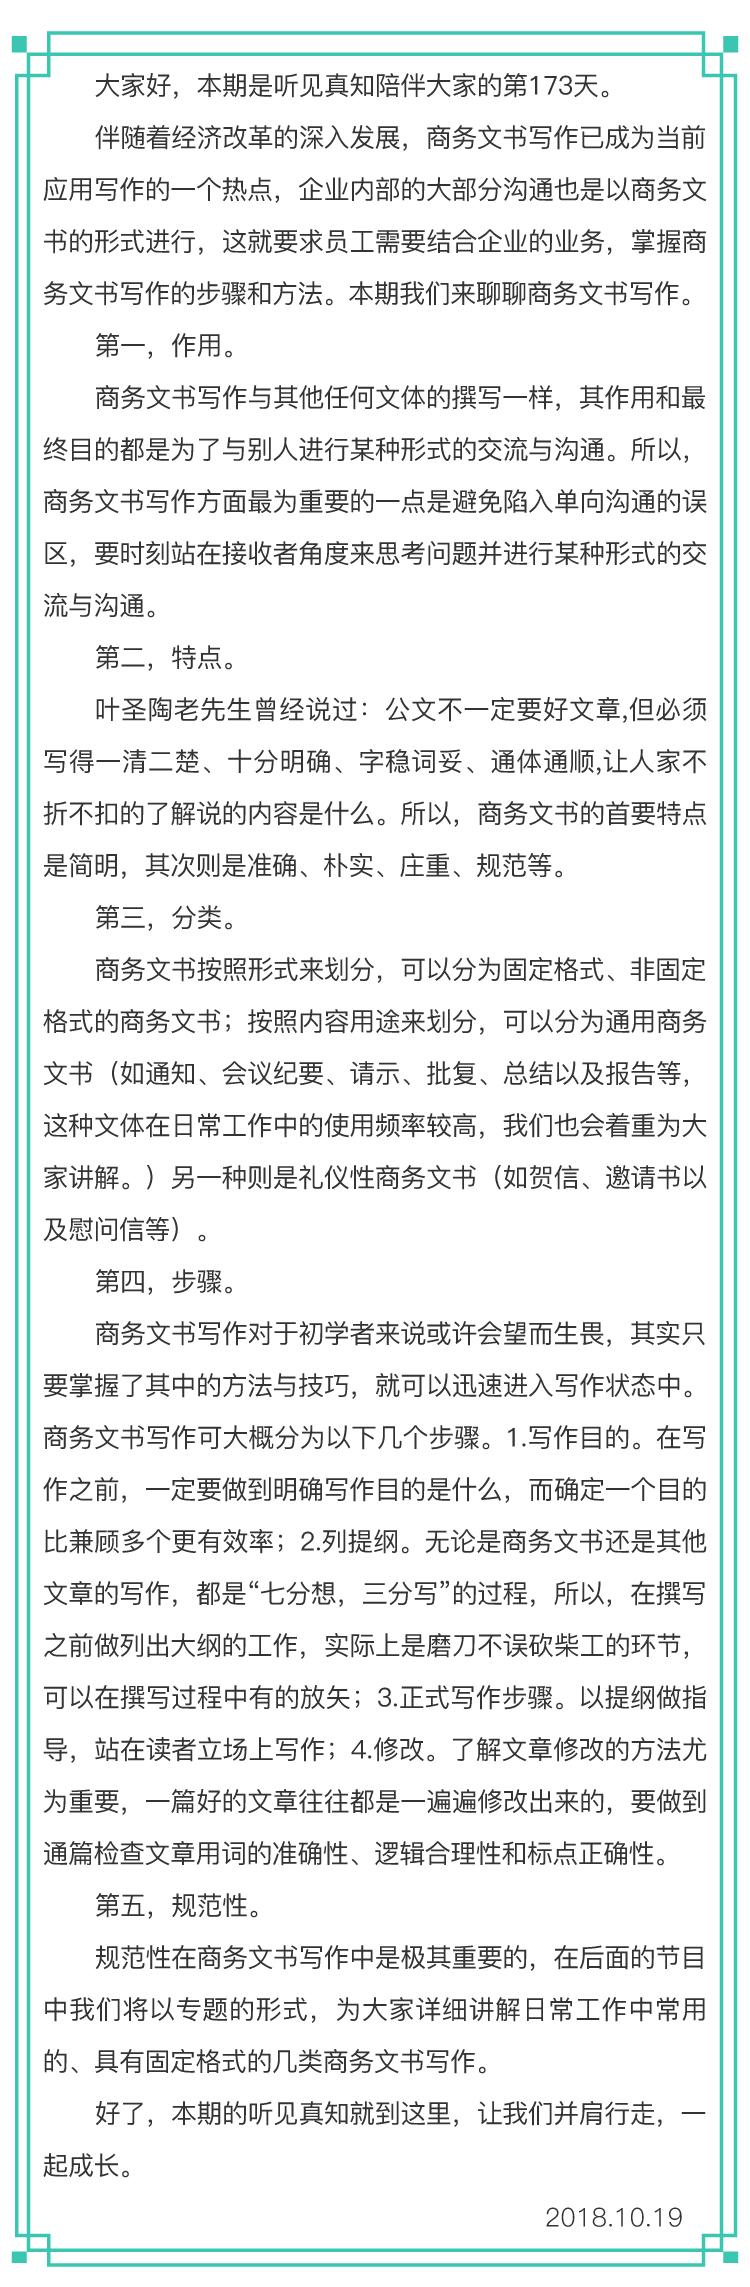 内文-1.jpg